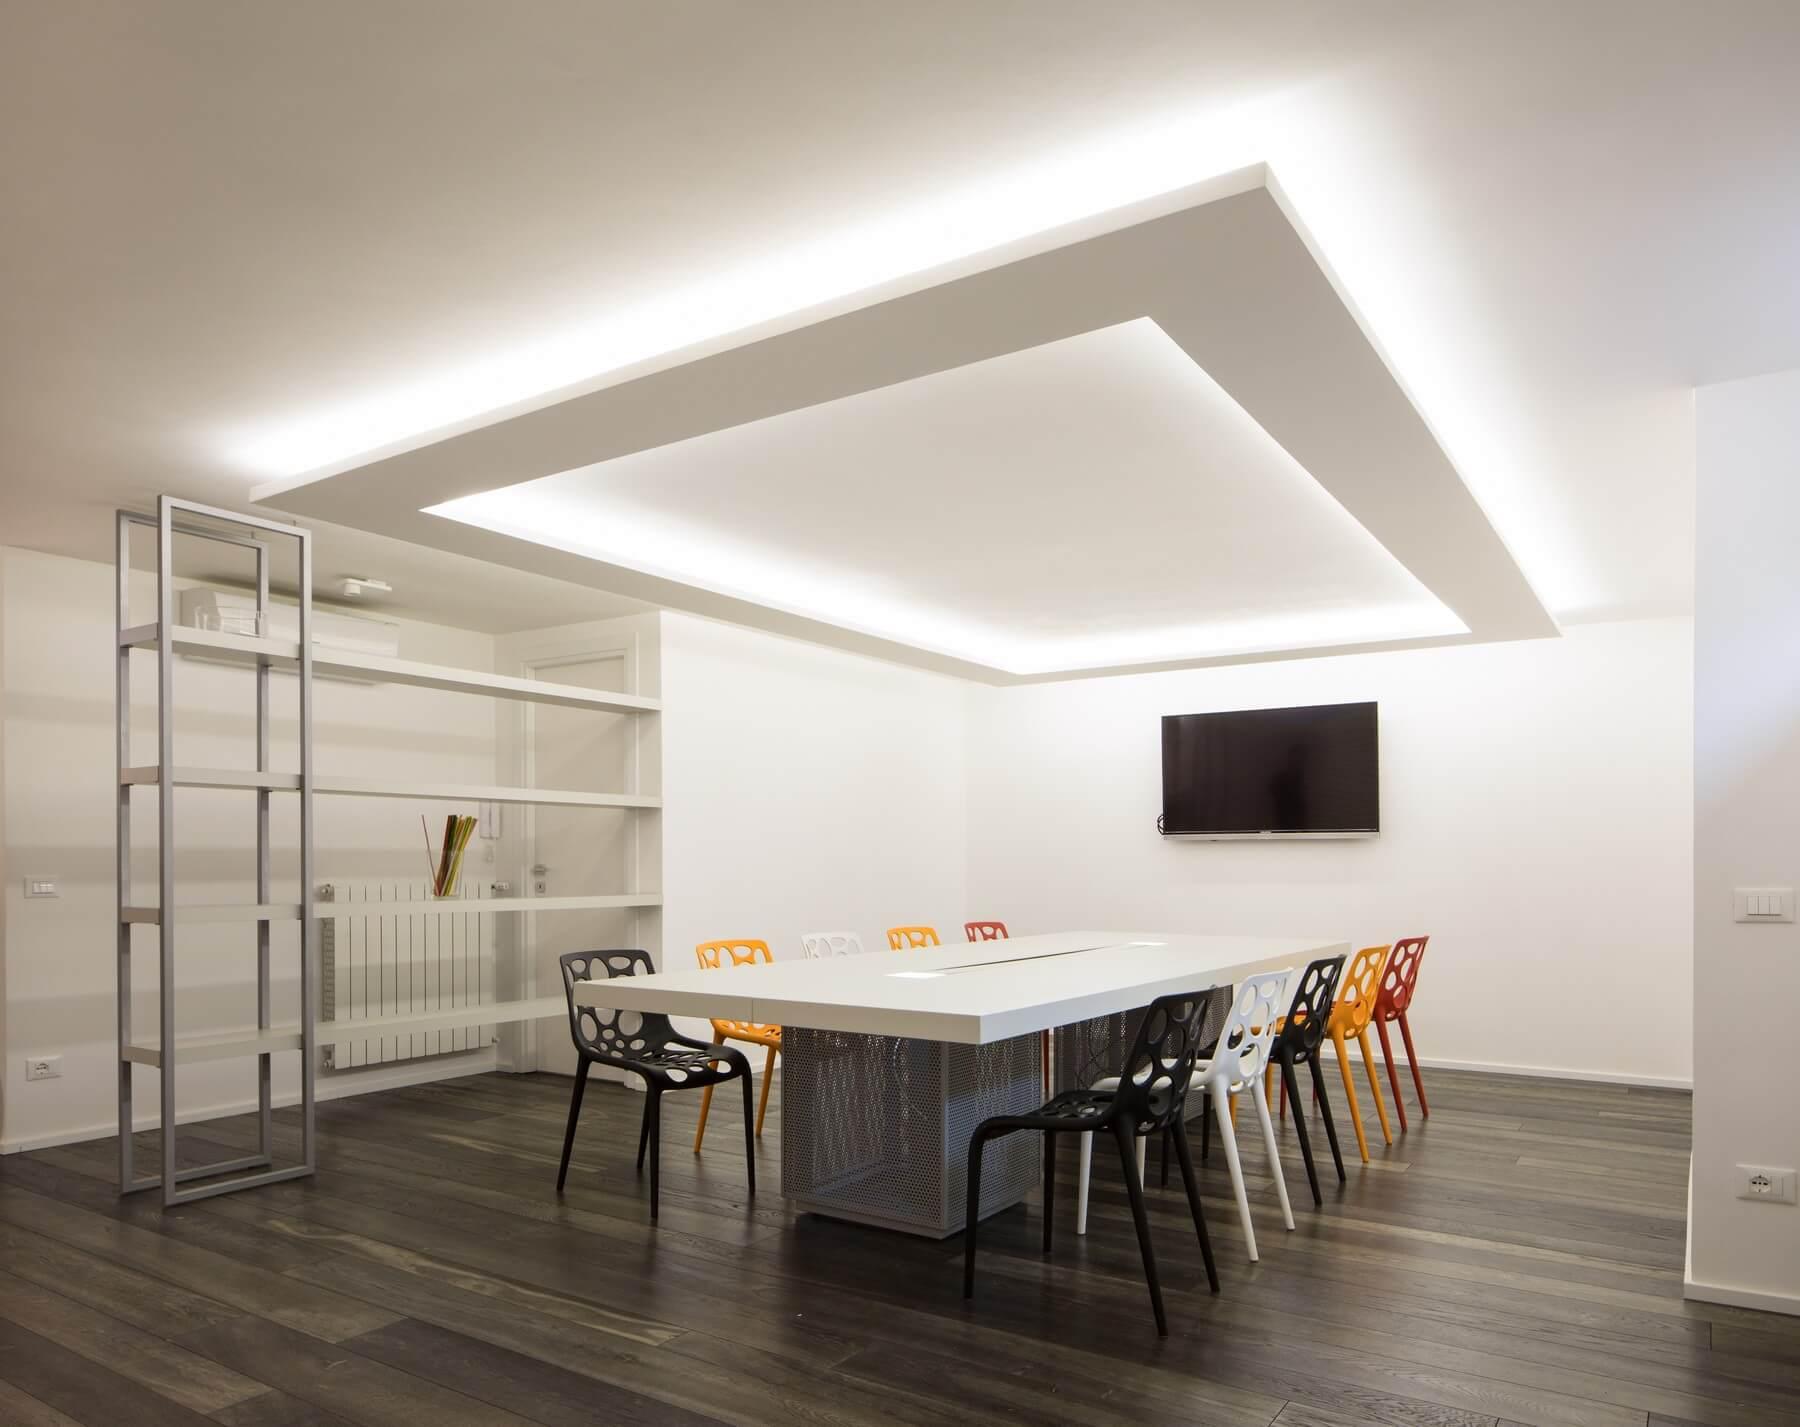 uffici_pardgroup_architetto_morgantini_11